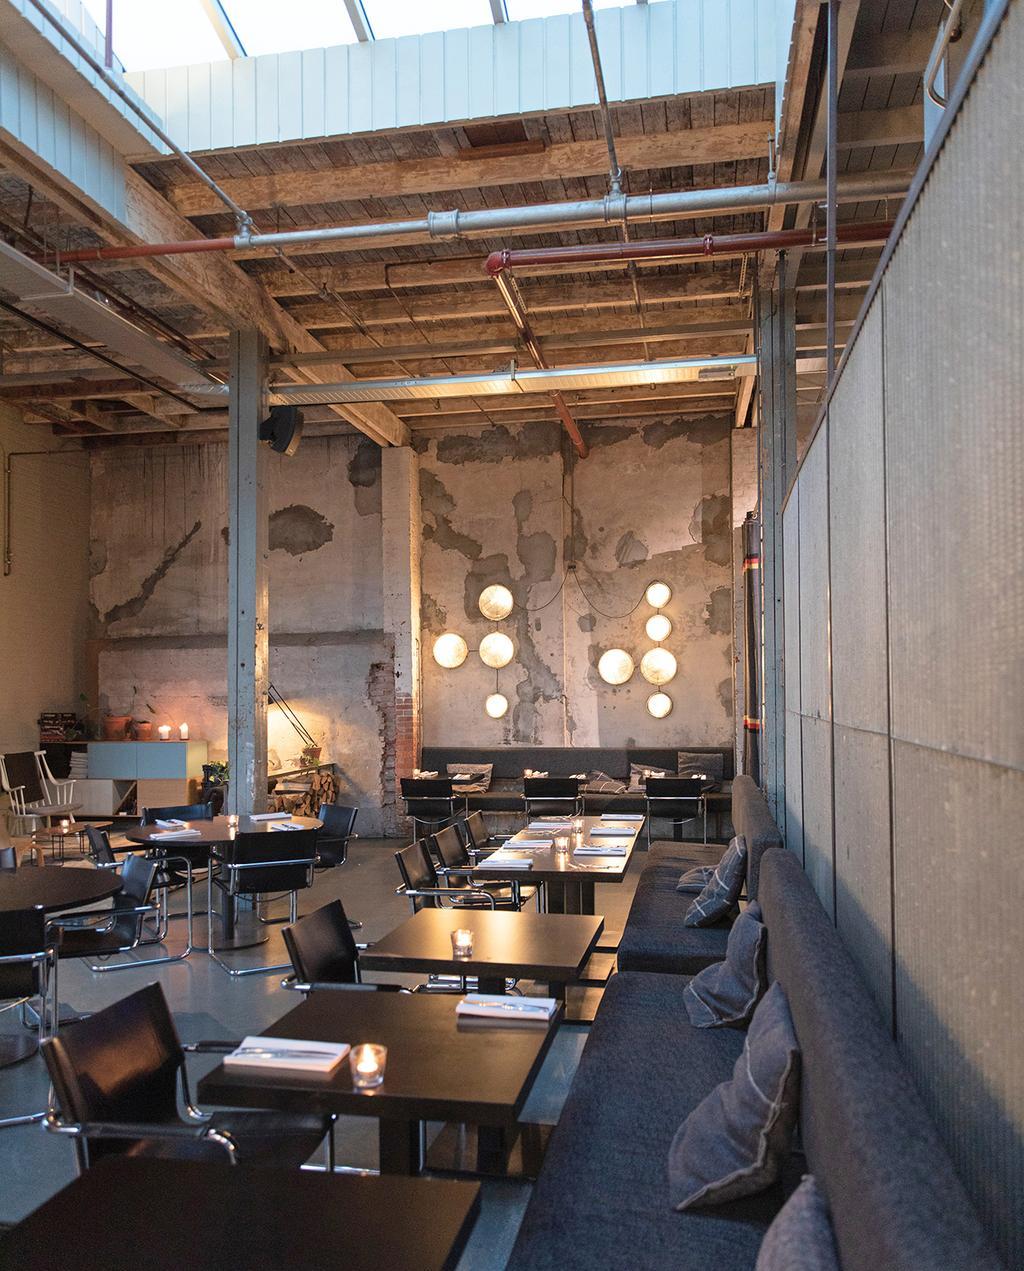 vtwonen 04-2020 | Zagerij restaurant Utrecht